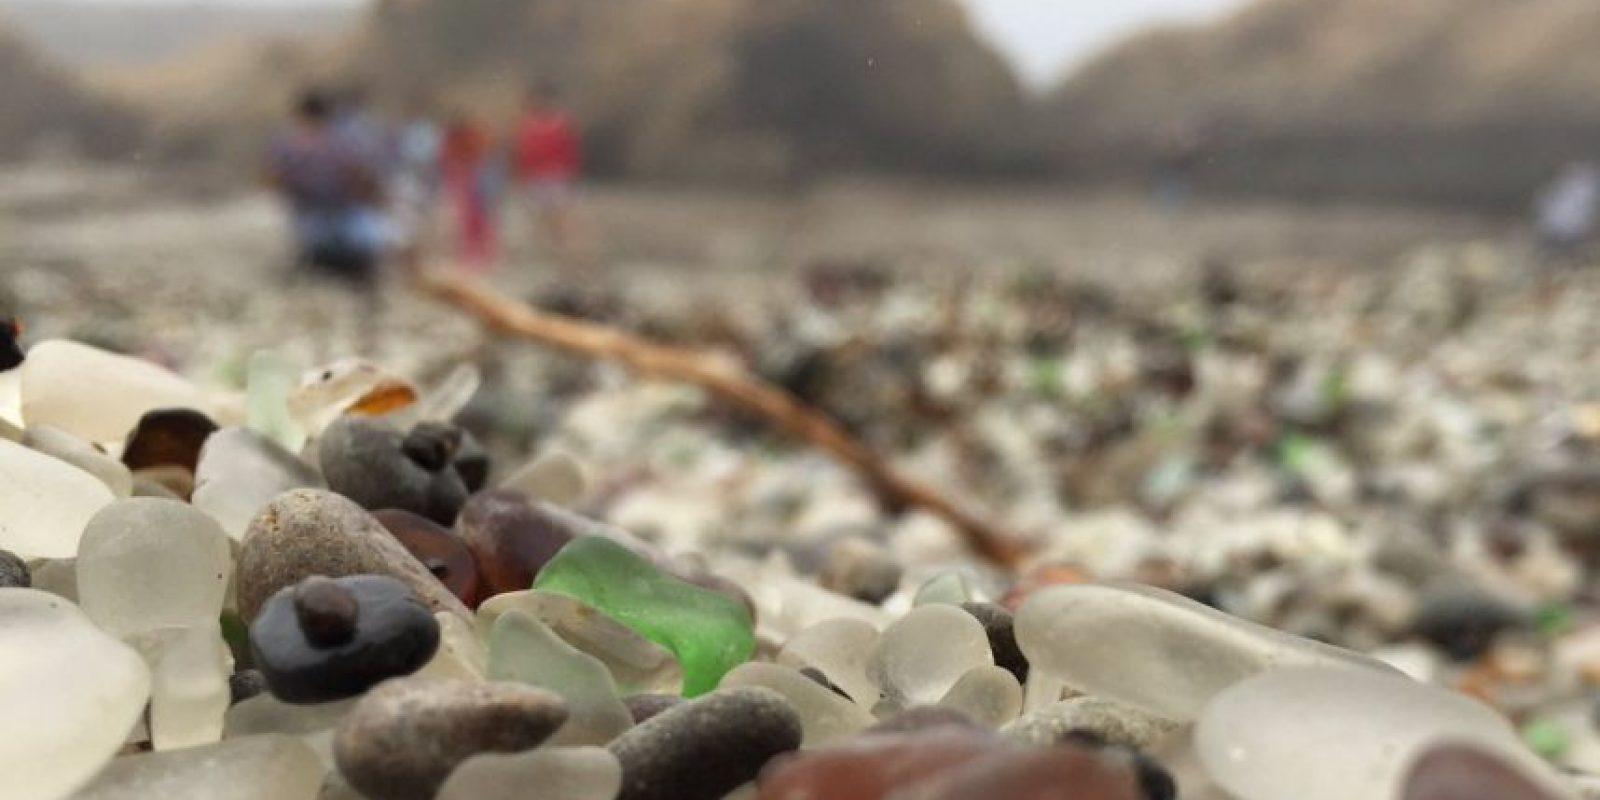 Algunos de los recuerdos de Glass Beach, en Fort Bragg, California Foto:Twitter.com/erinLYYC